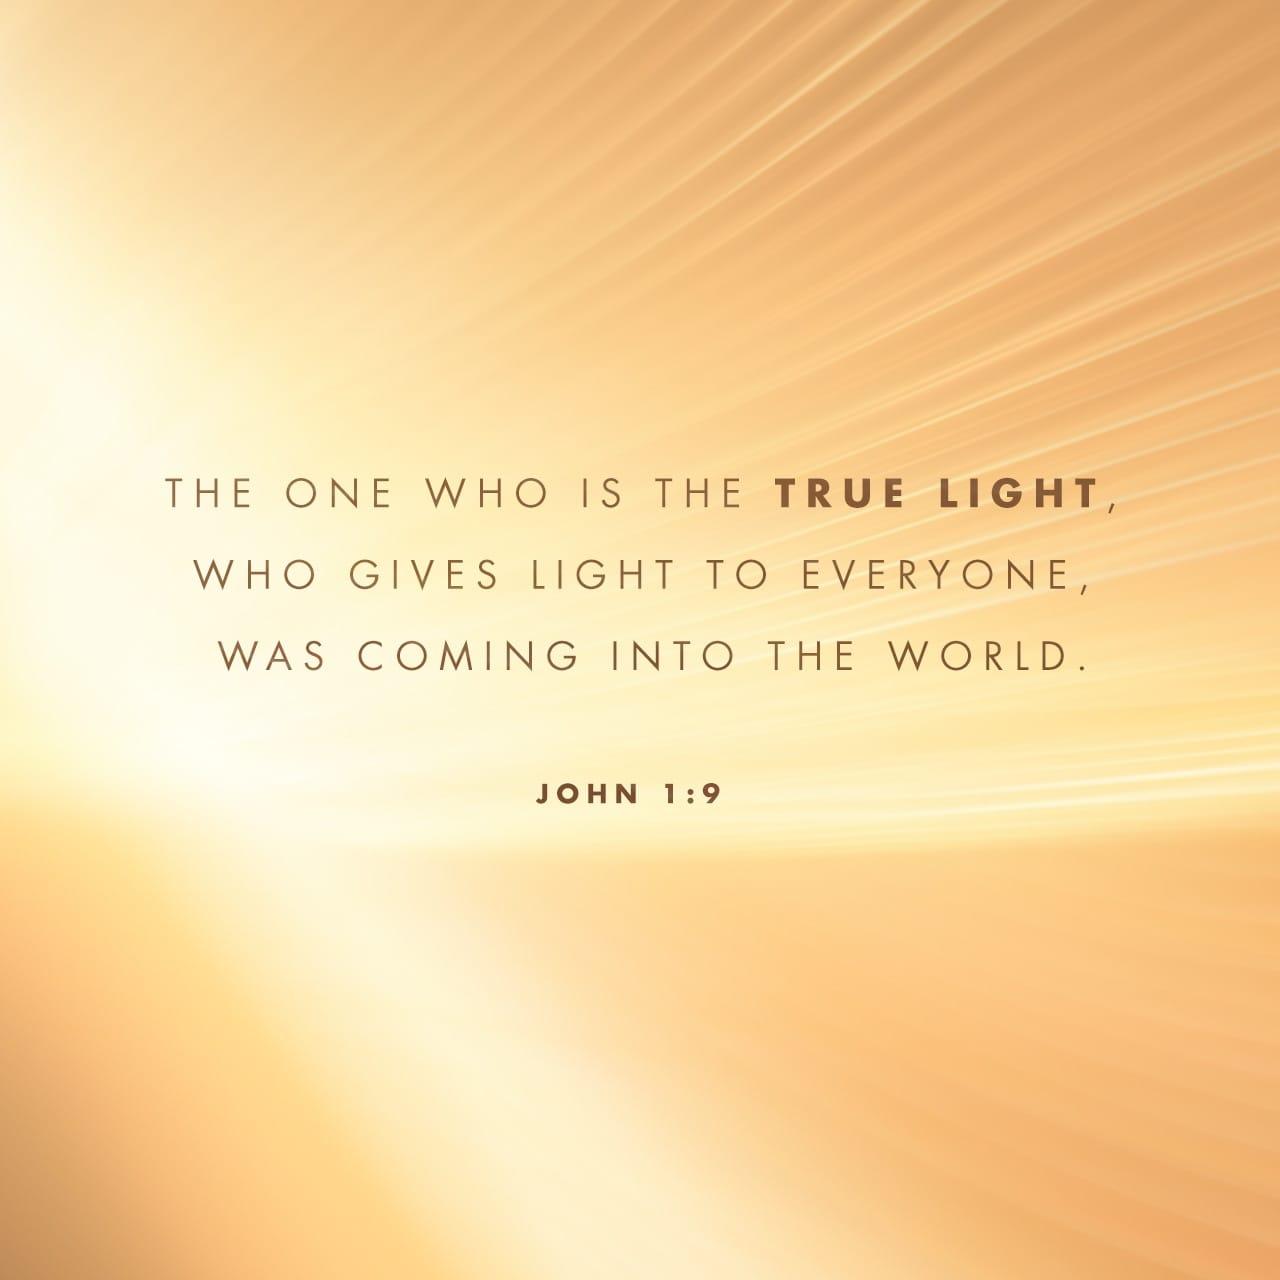 S.Juan 1:9 Aquella luz verdadera, que alumbra a todo hombre, venía a este mundo. | Biblia Reina Valera 1960 (RVR1960)